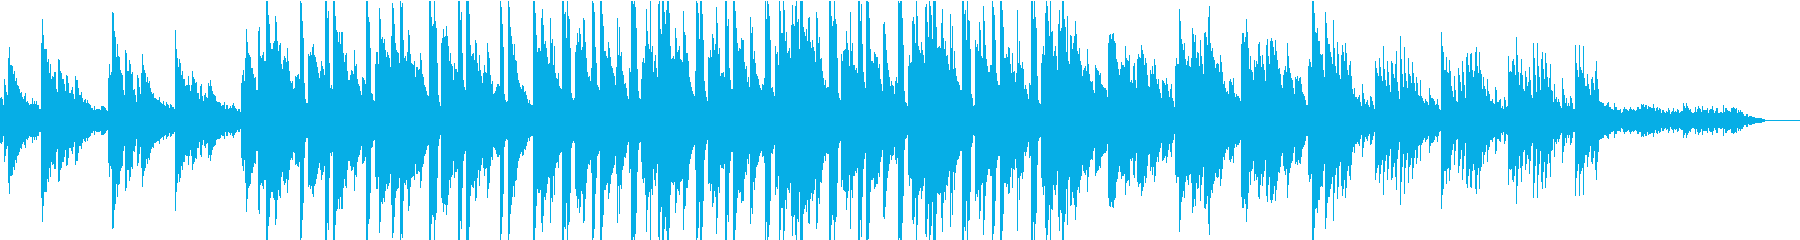 おしゃれでどこか憂鬱なBGMの再生済みの波形